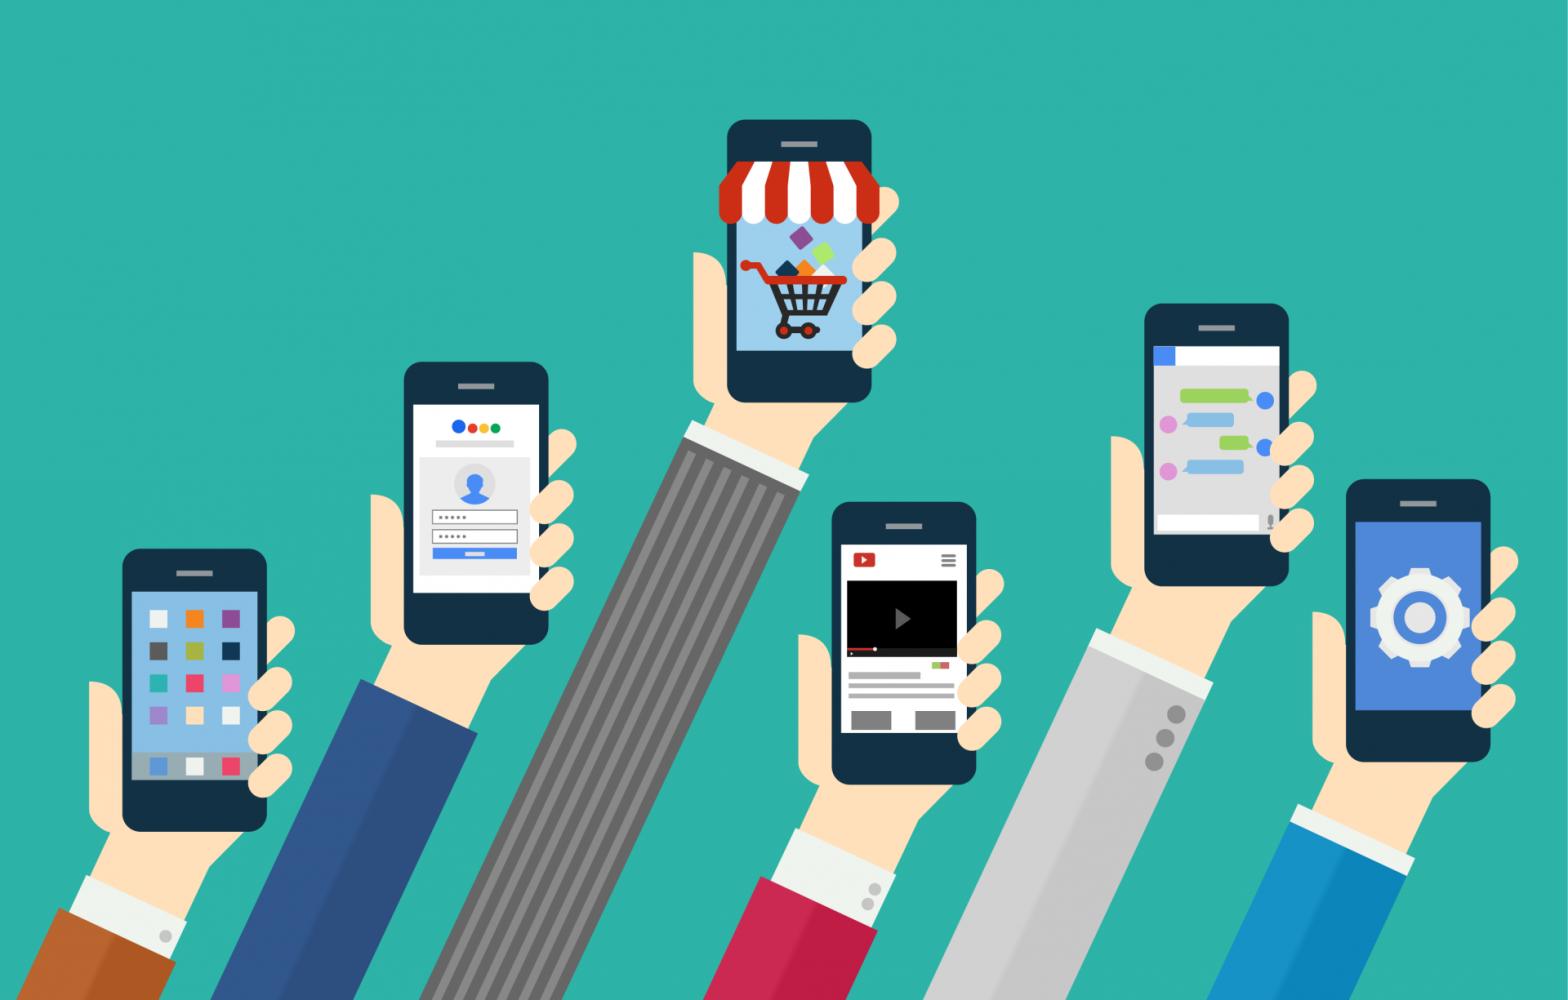 Як просувати й монетизувати мобільні додатки у 2020 році